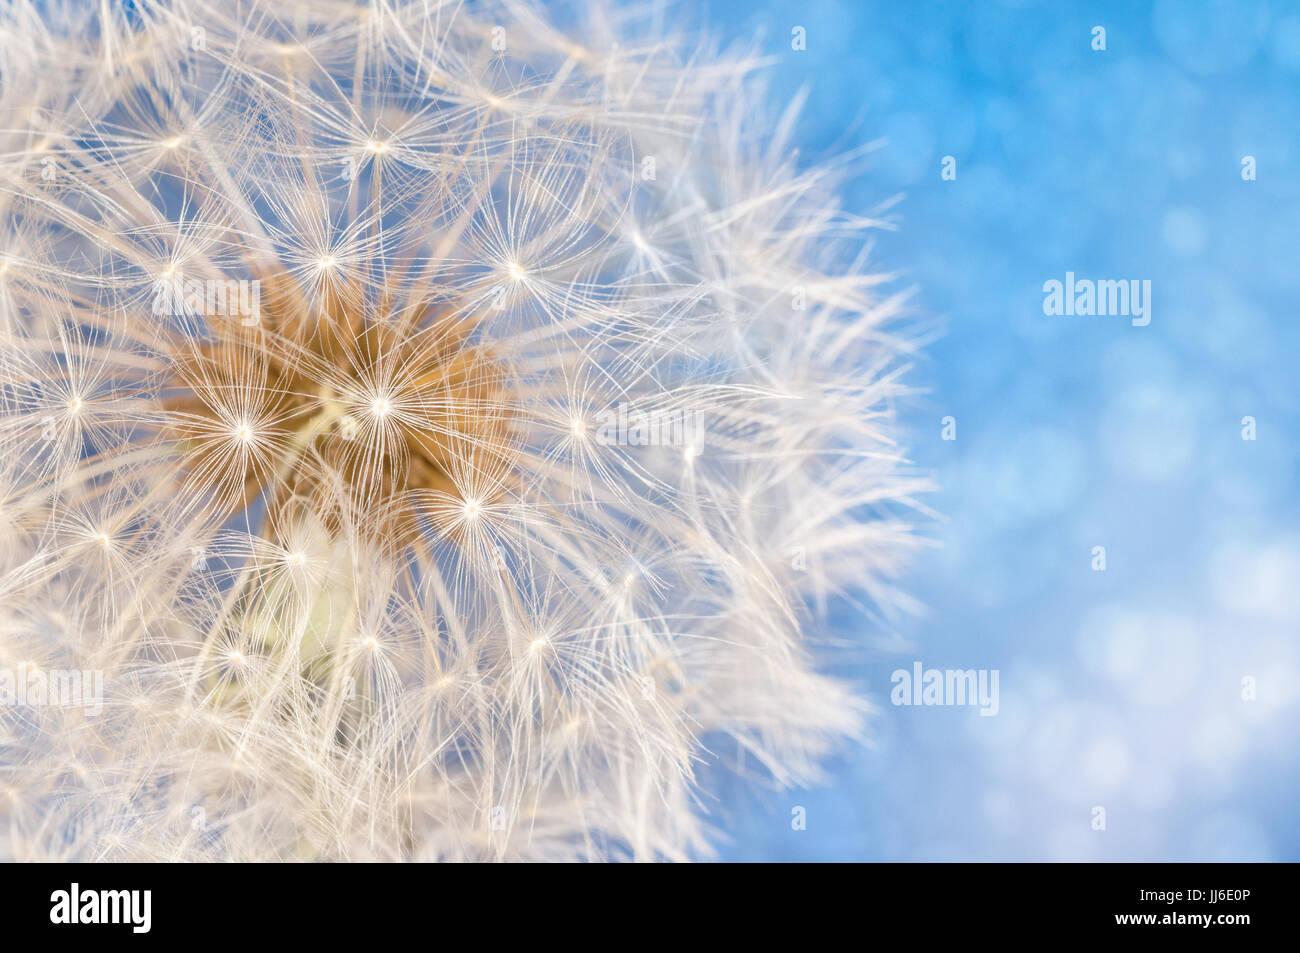 Flor diente de león con semillas bola cerca en azul brillante de fondo bokeh Imagen De Stock